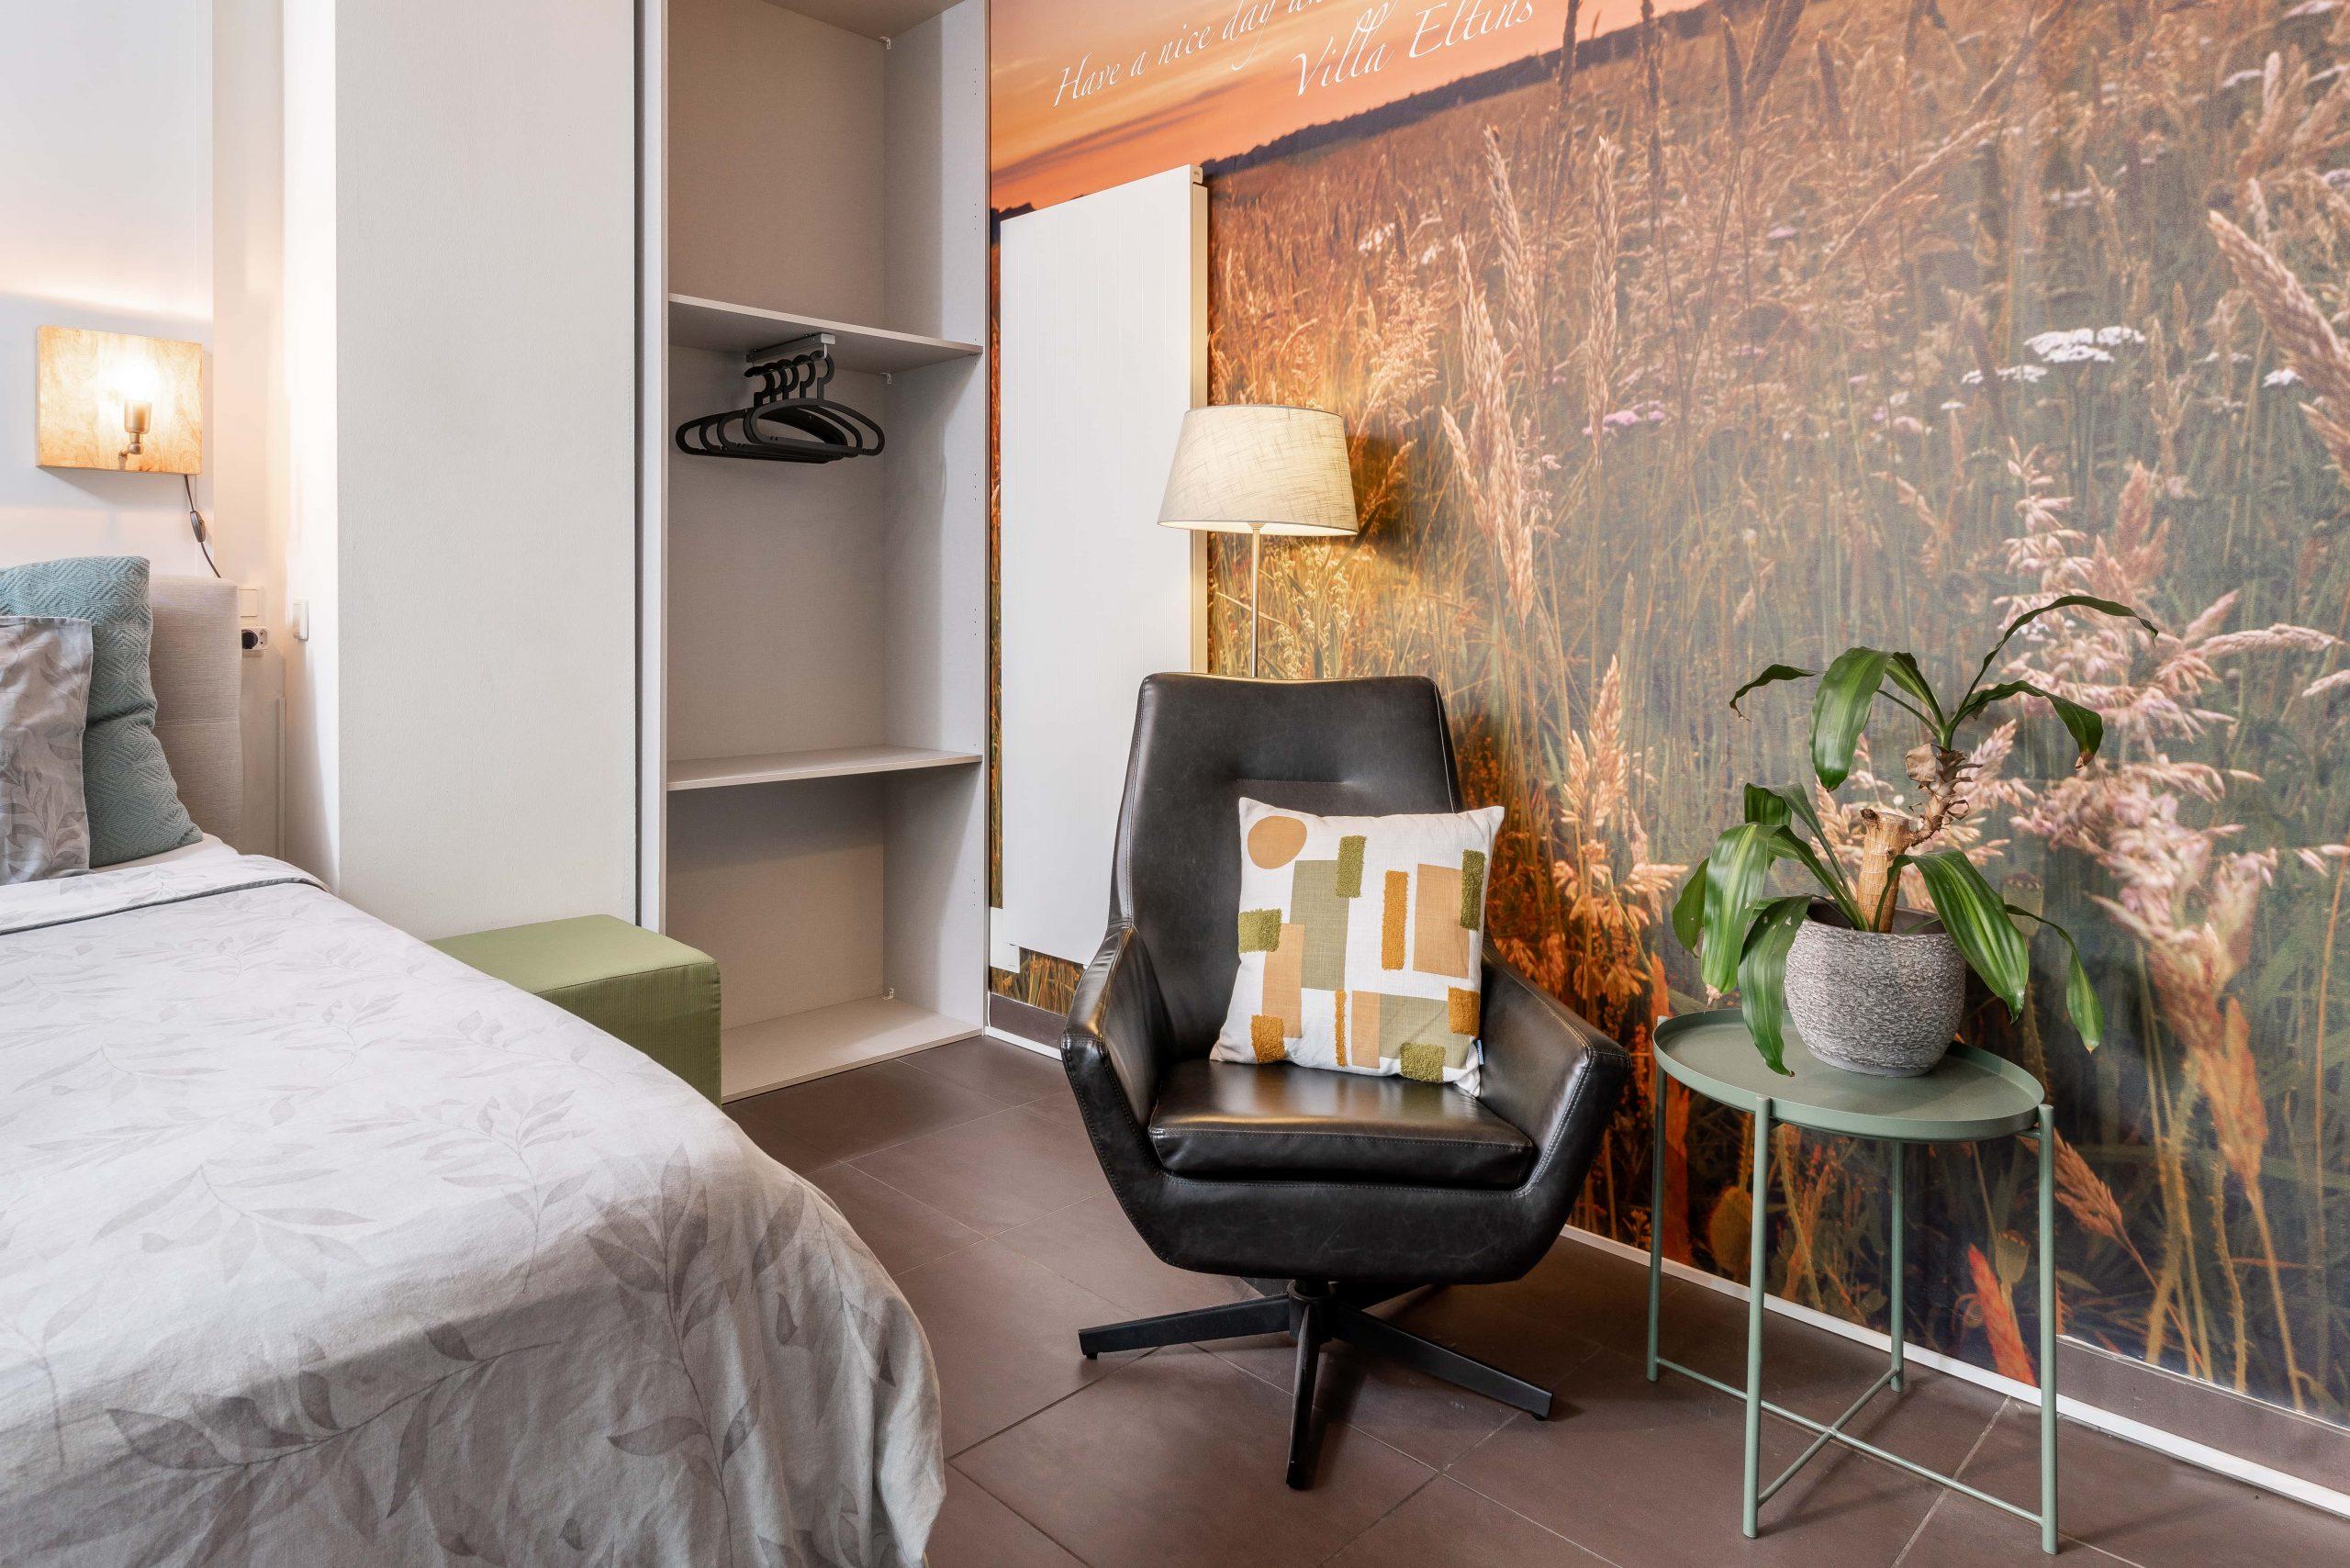 Villa-Eltins_Garden-Suite